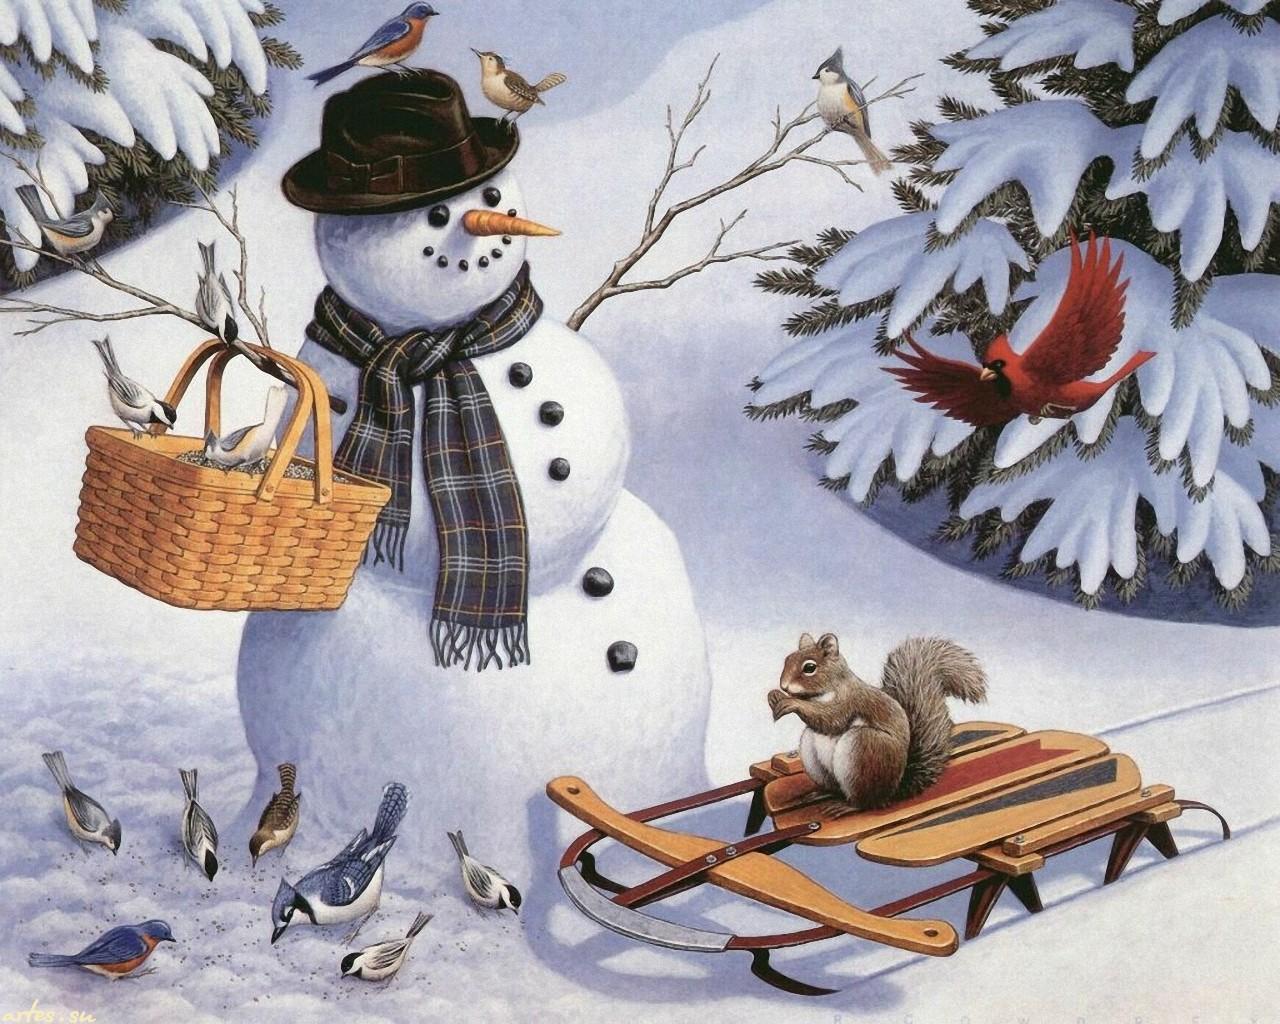 Картинки о зиме для детей 7-8 лет